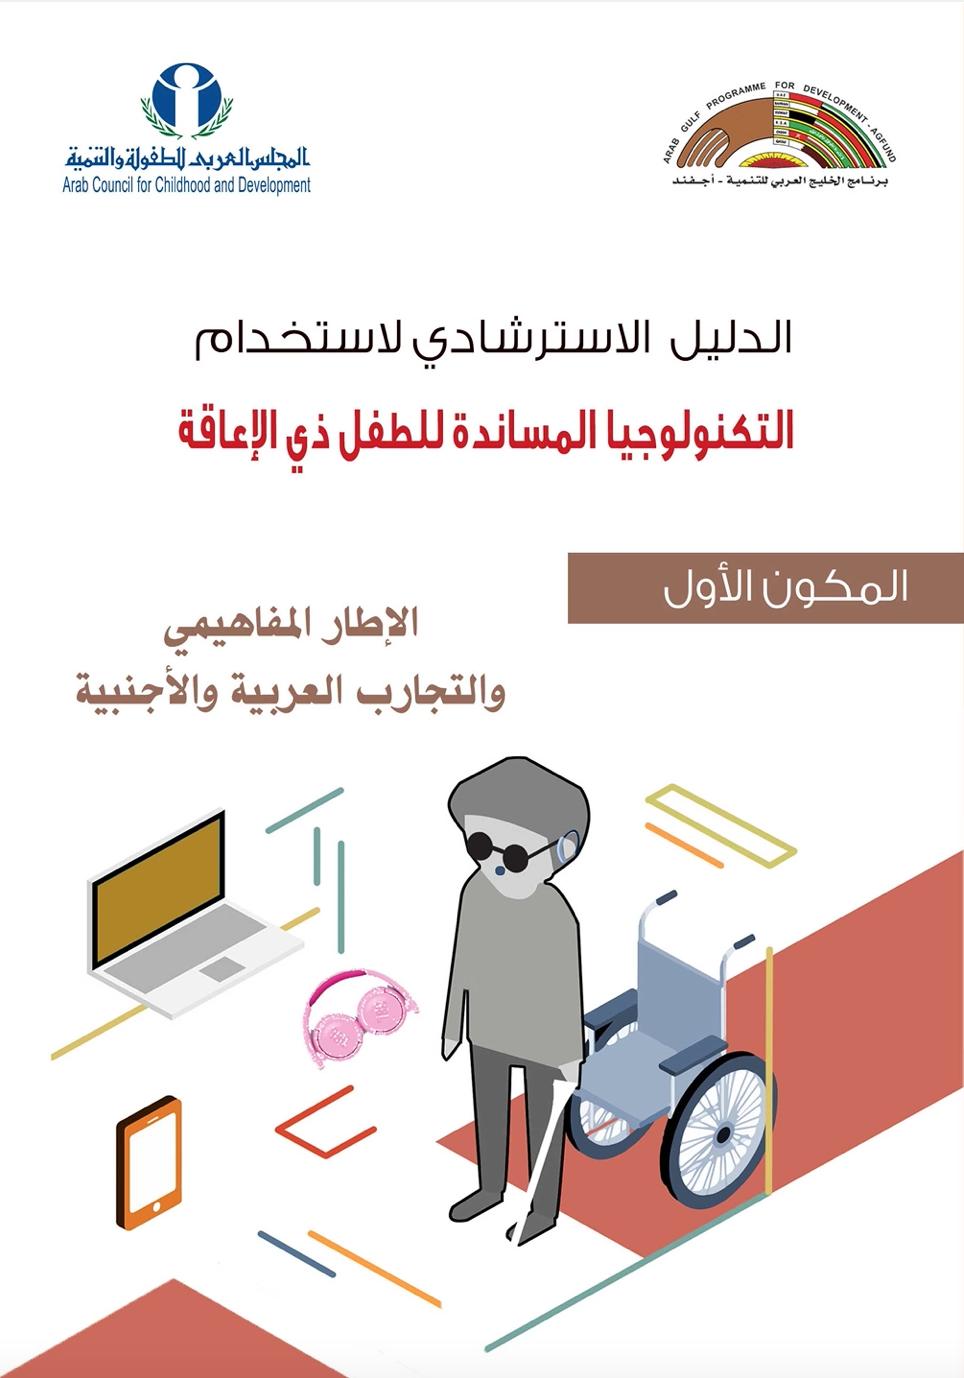 الدليل الاسترشادي لاستخدام التكنولوجيا المساندة للطفل ذي الإعاقة